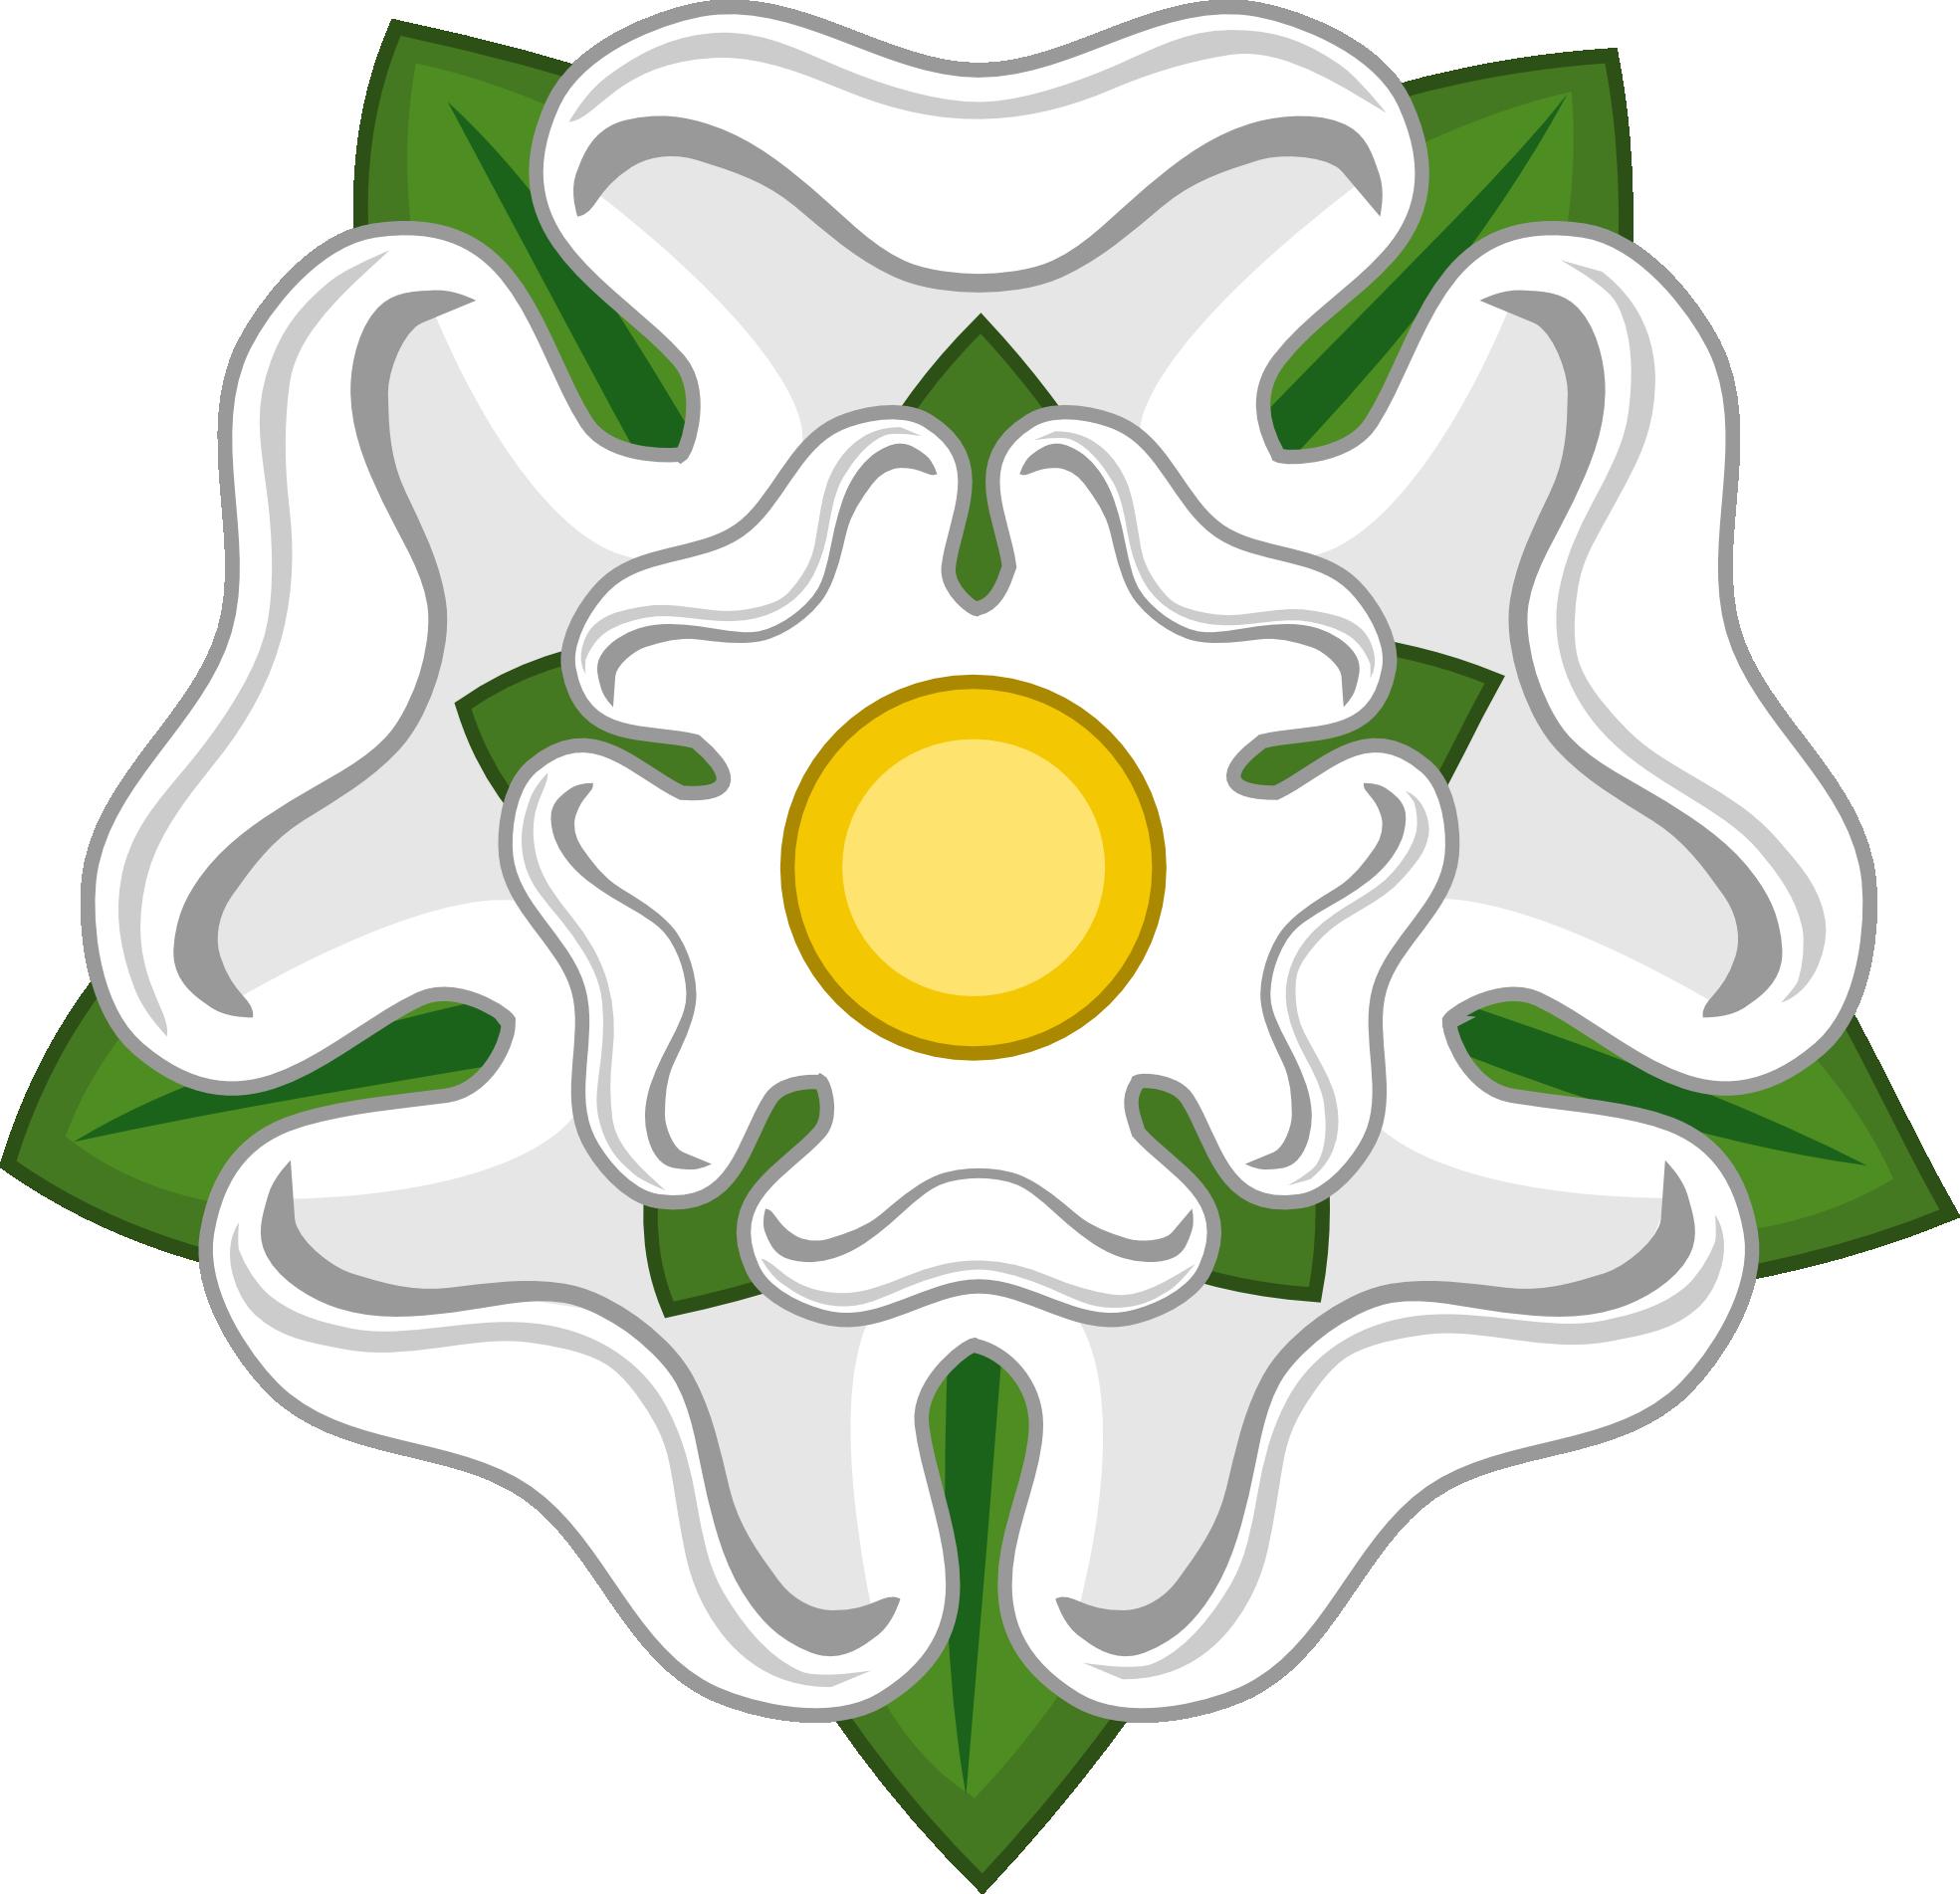 White Rose clipart svg #14